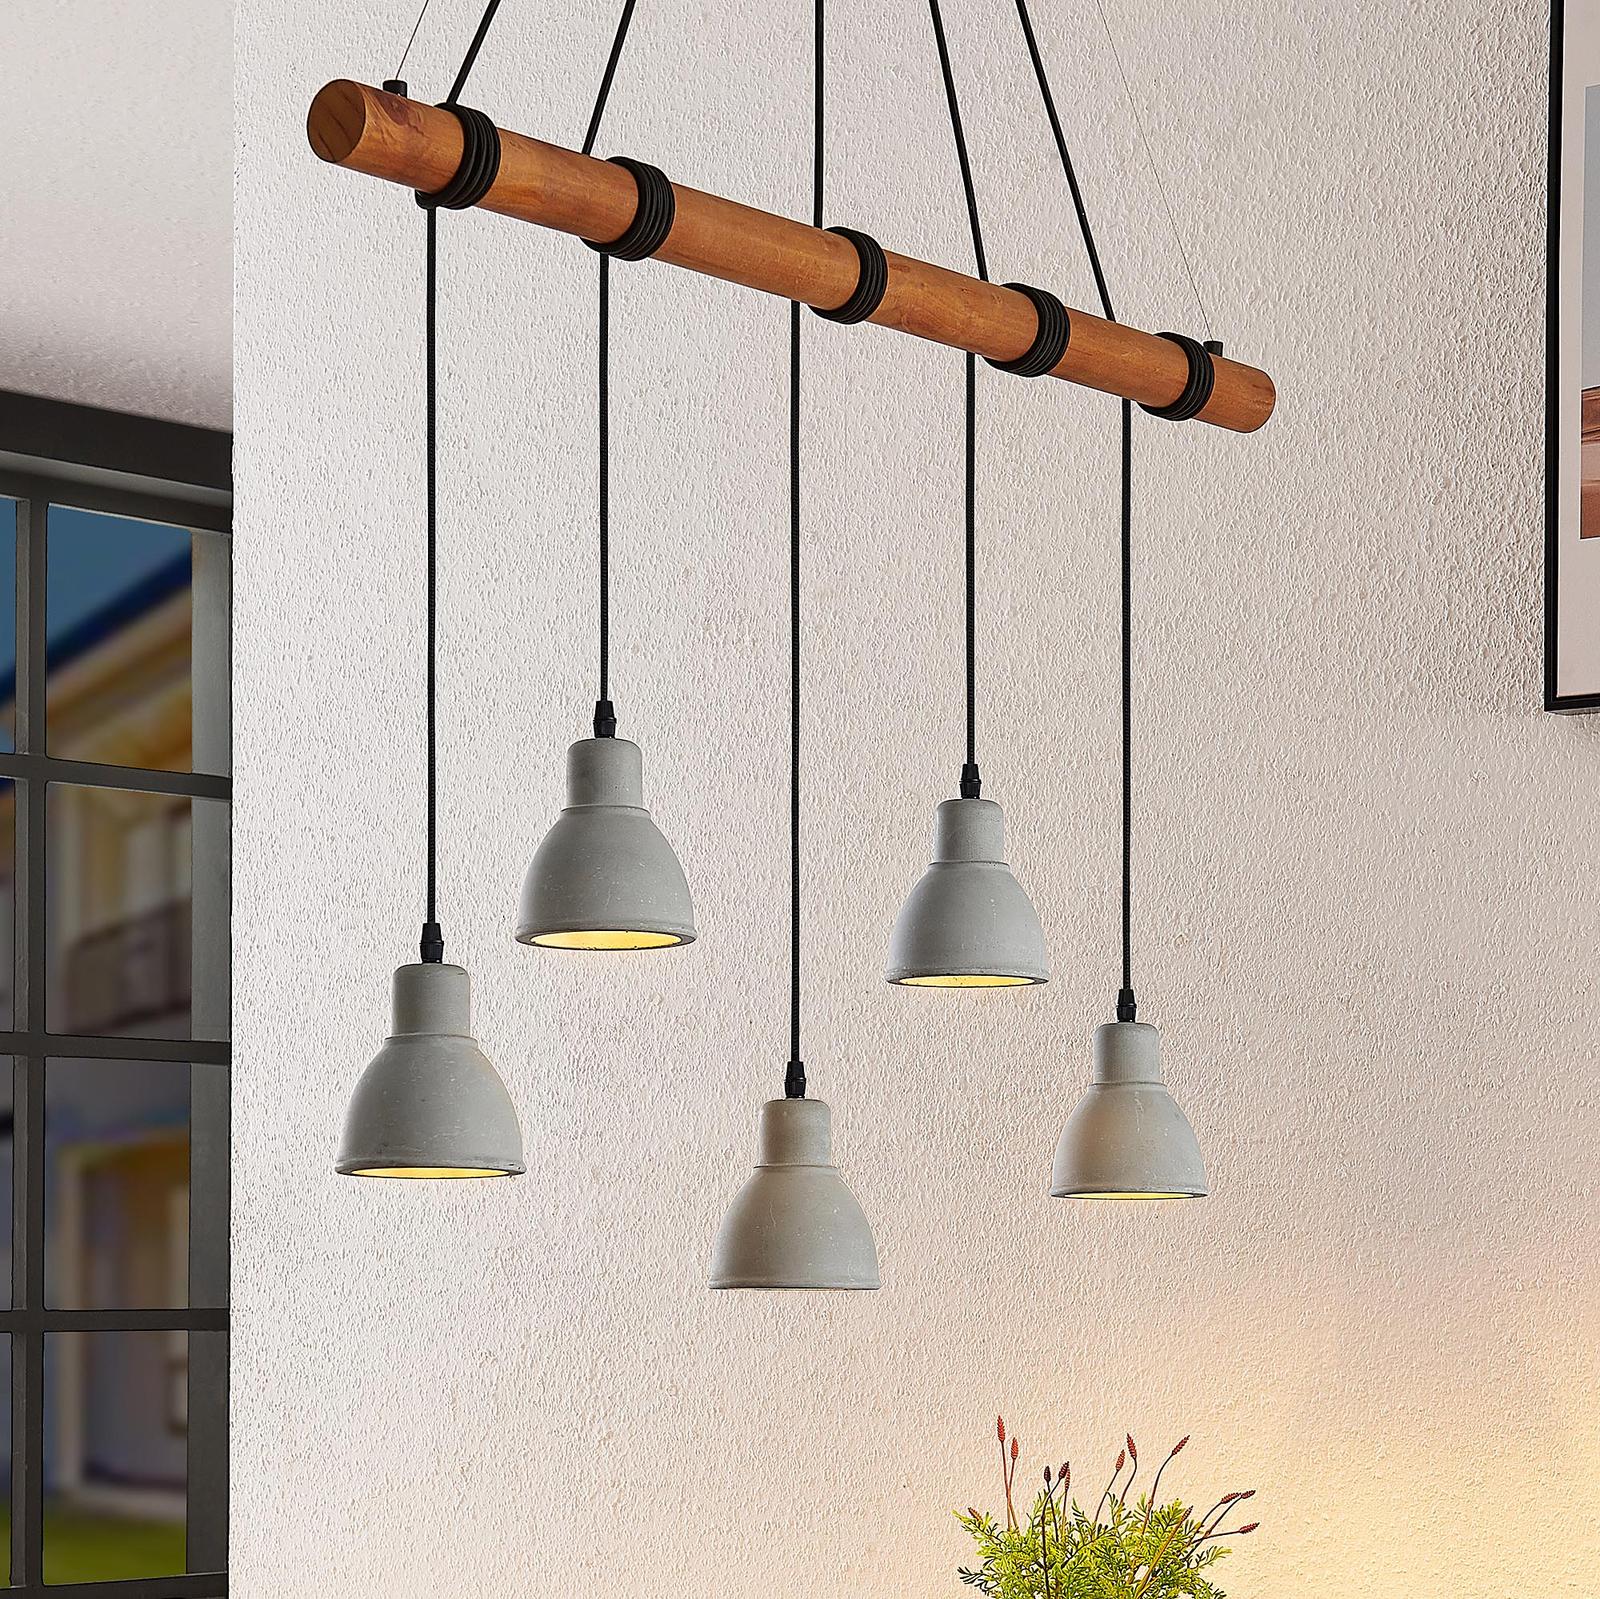 Lindby Dorte hængelampe af træ og beton